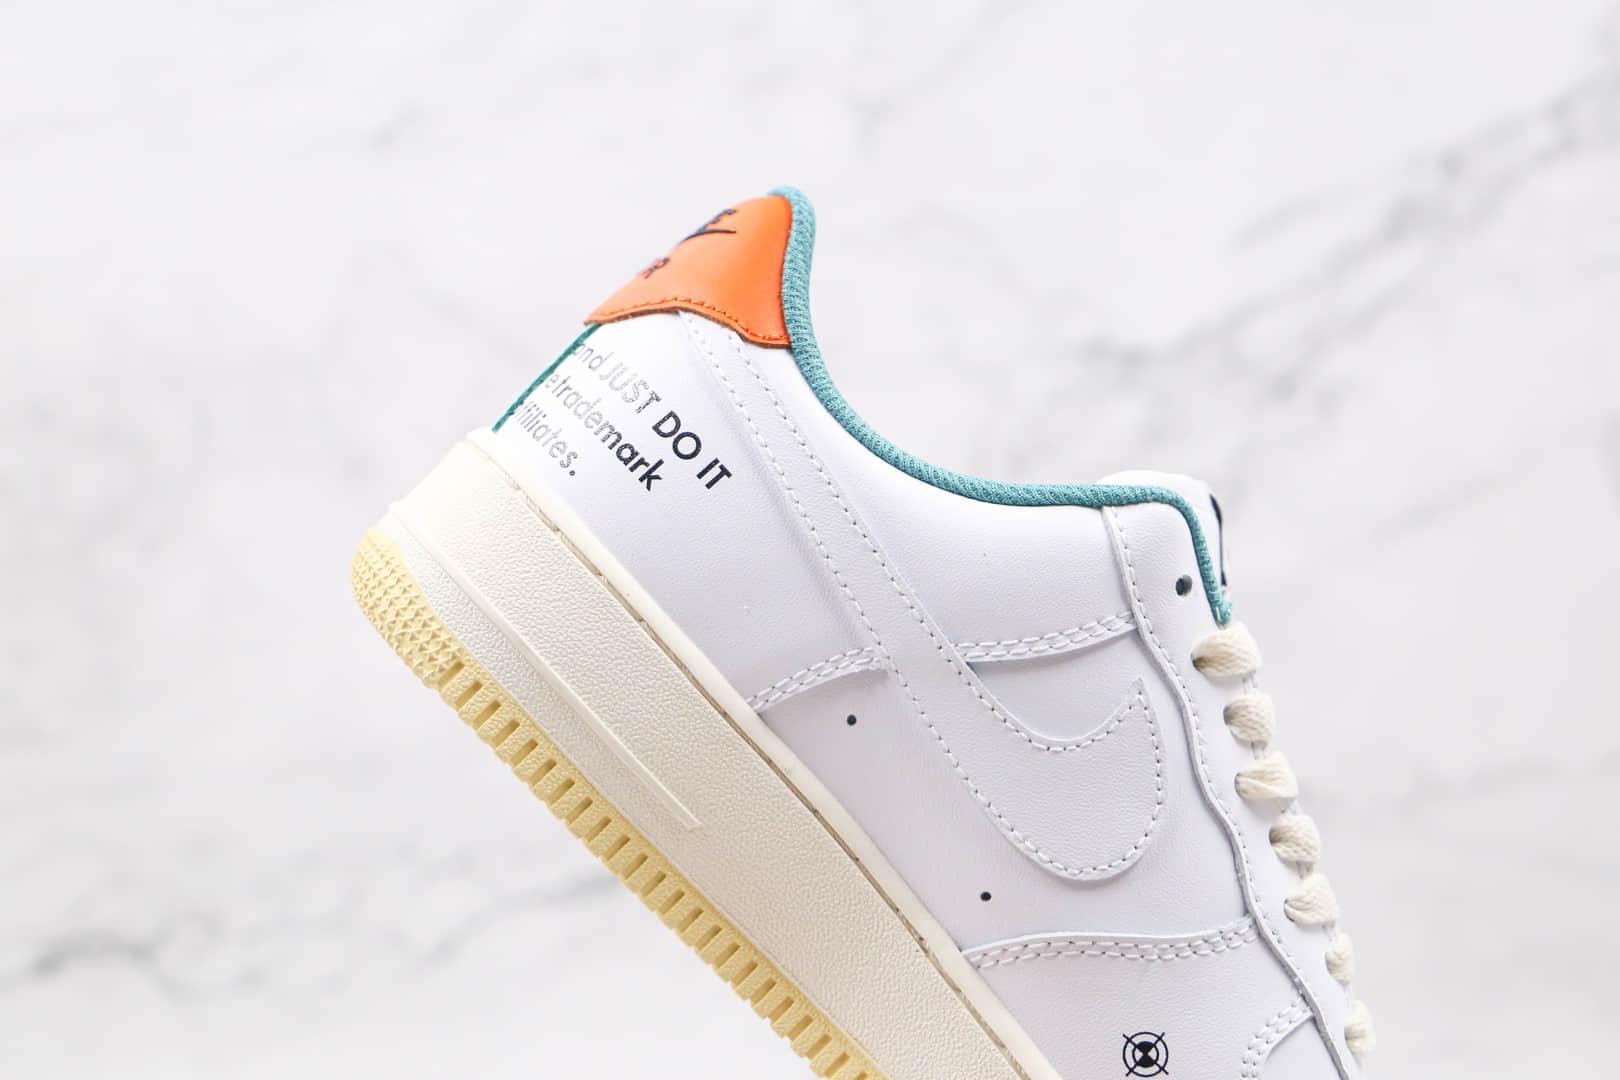 耐克Nike Air Force 1 LOW纯原版本低帮空军一号白绿橙板鞋内置气垫 货号:DM0970-111